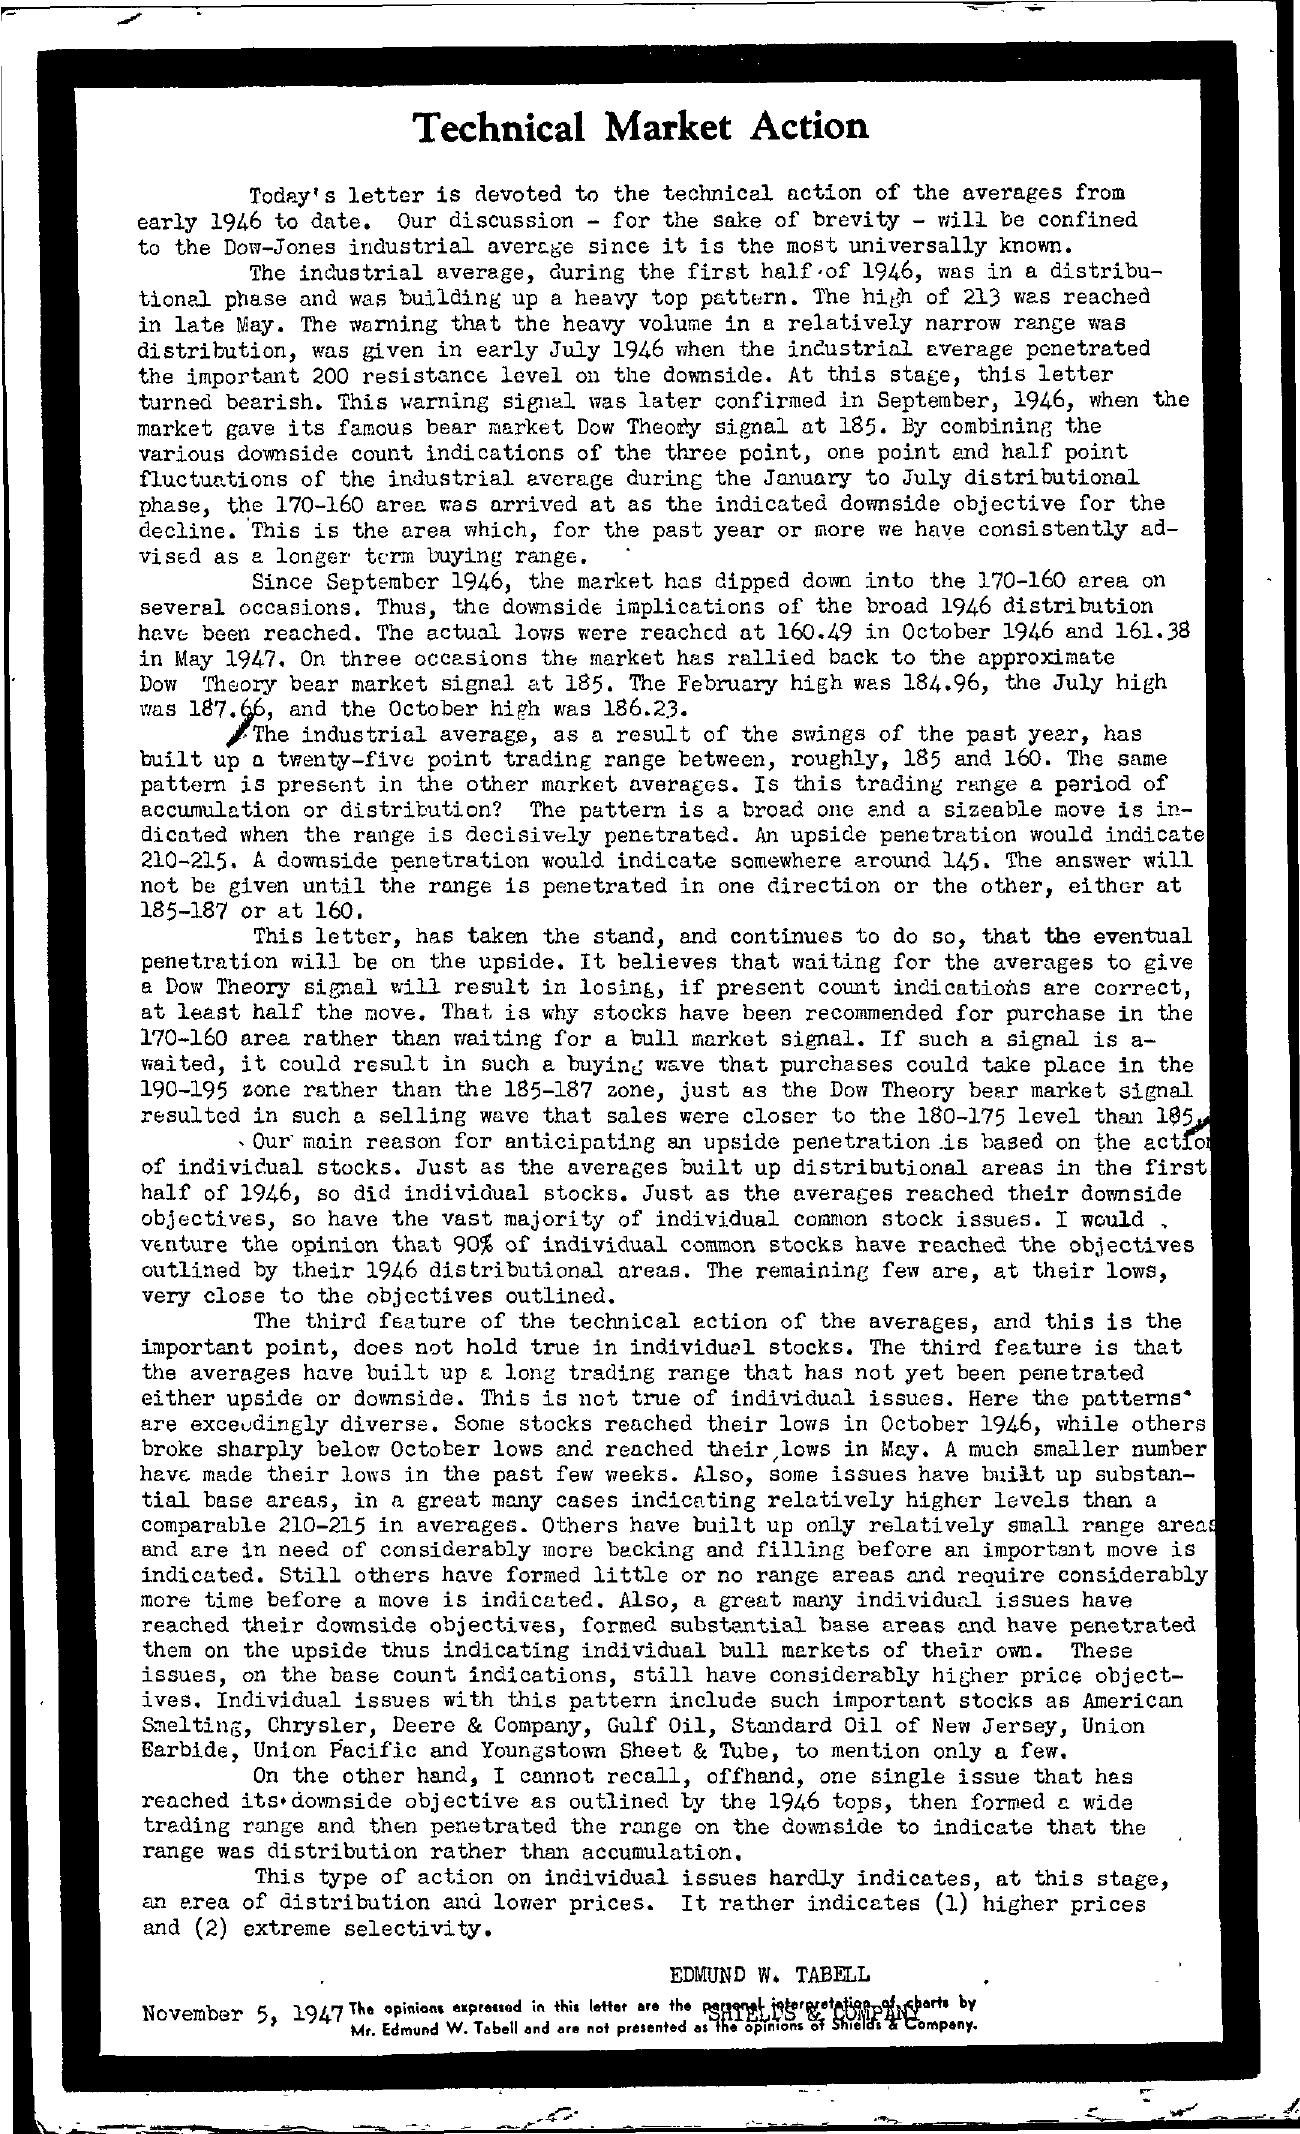 Tabell's Market Letter - November 05, 1947